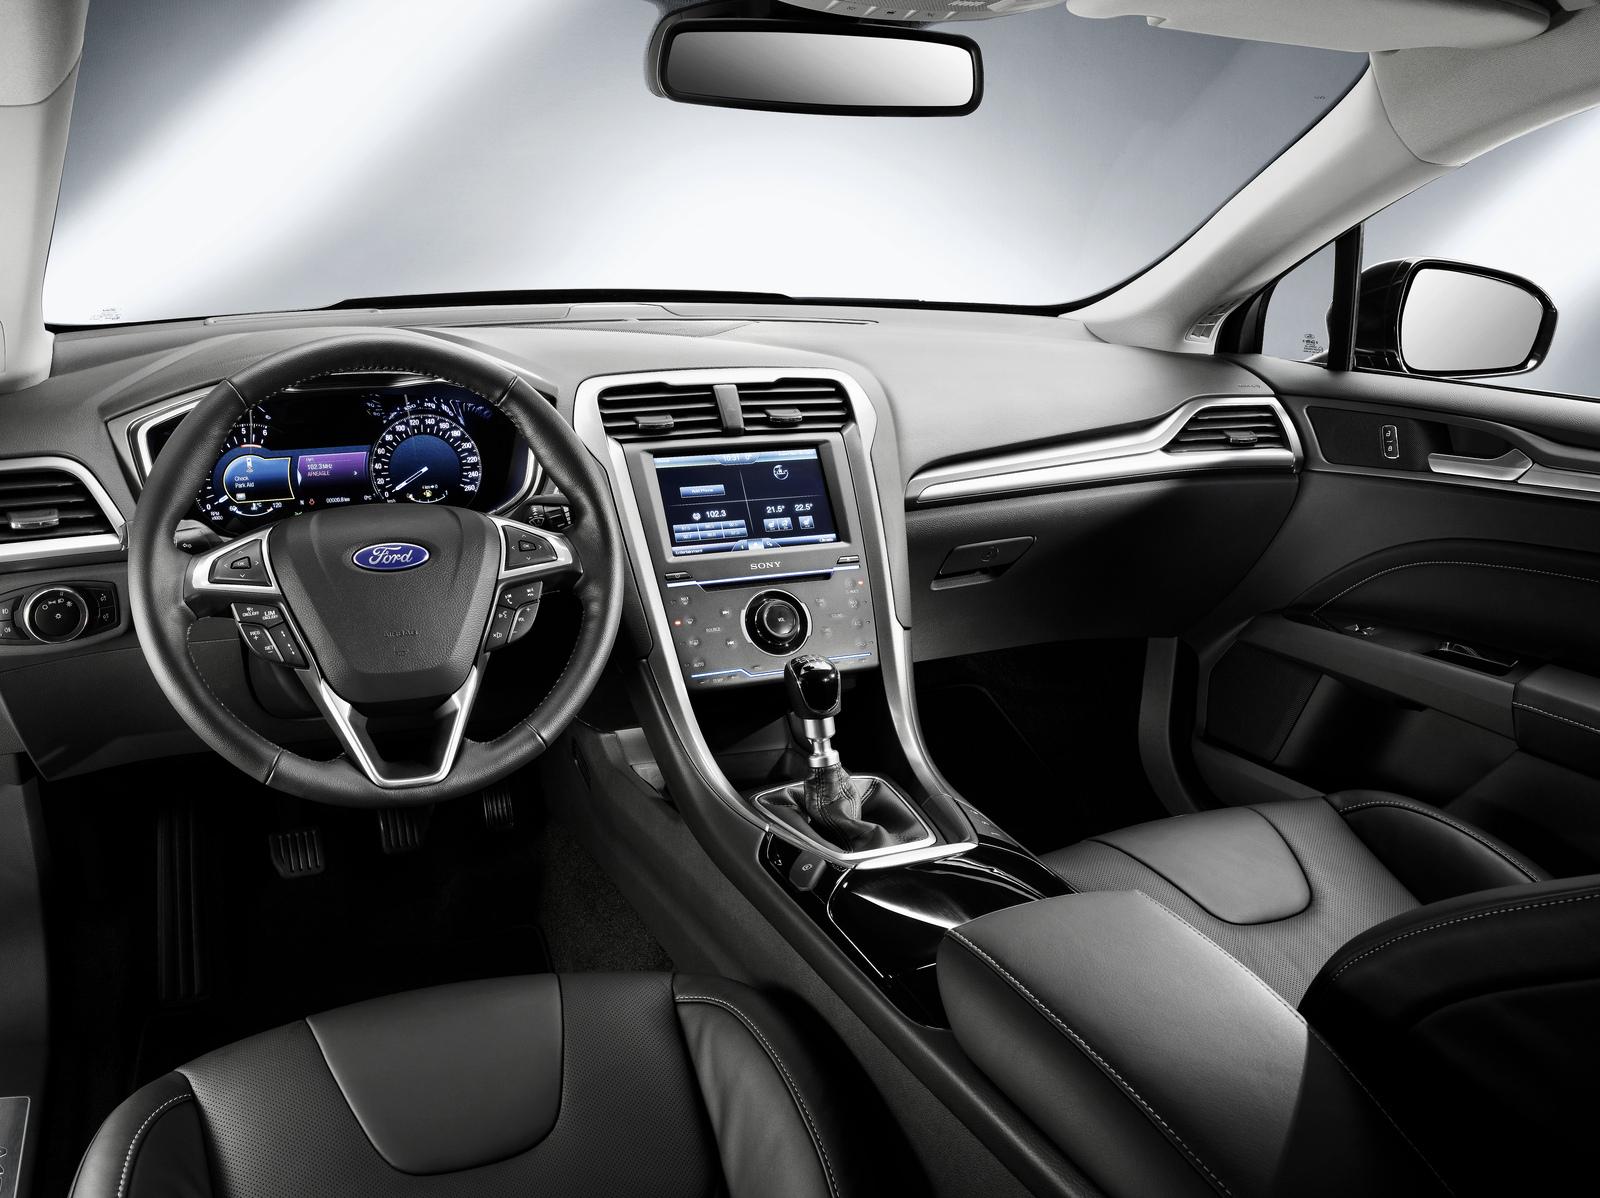 Ford nos muestra el nuevo Mondeo en carrocería familiar y de cinco puertas